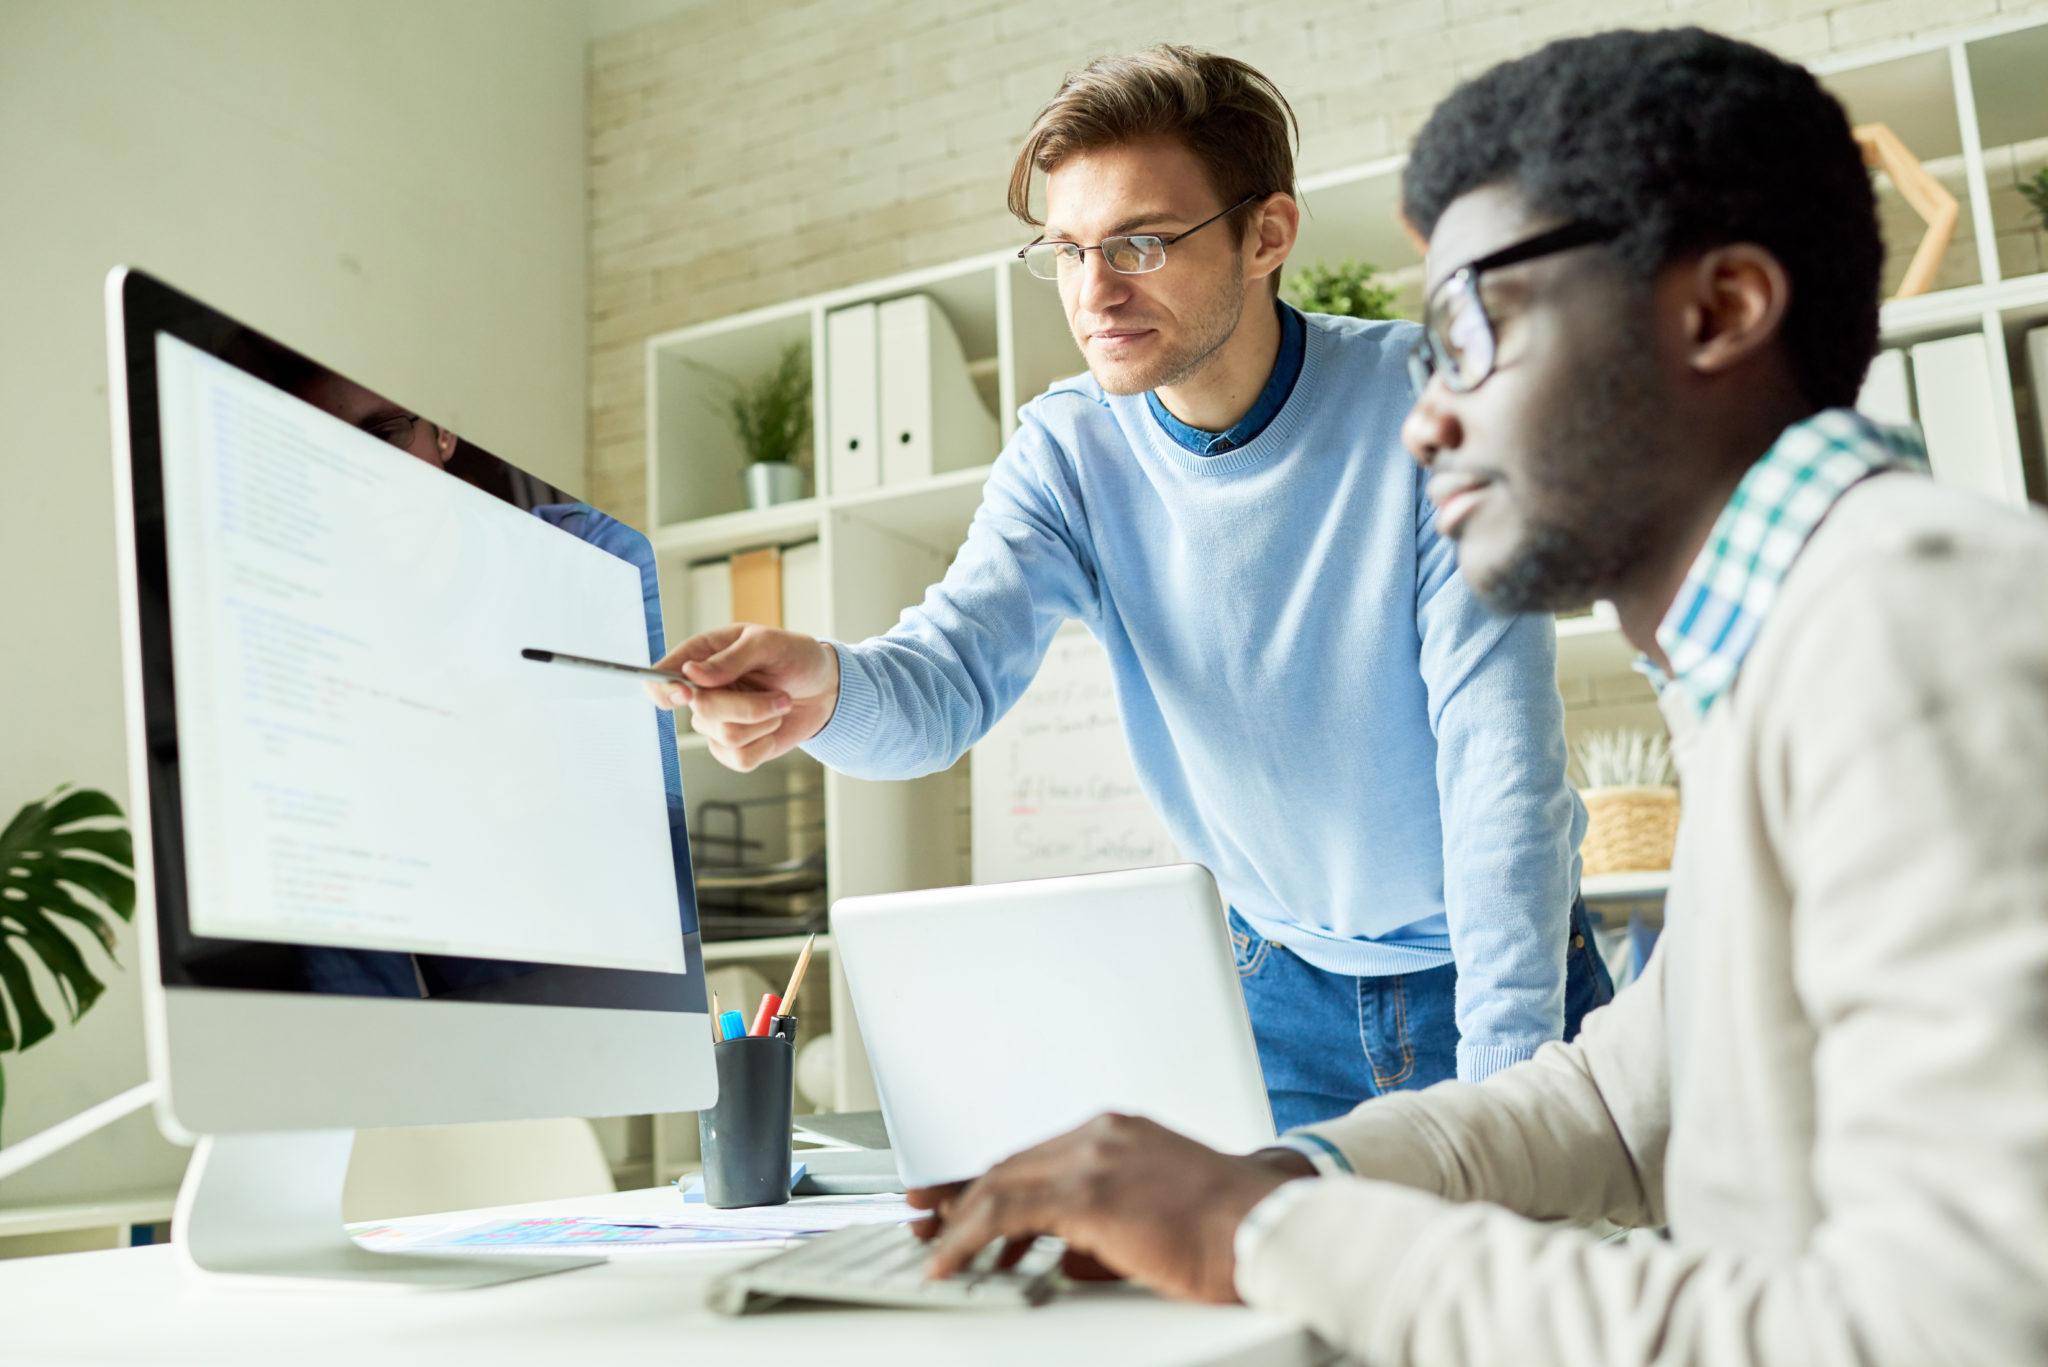 パソコンの画面を見る男性たち